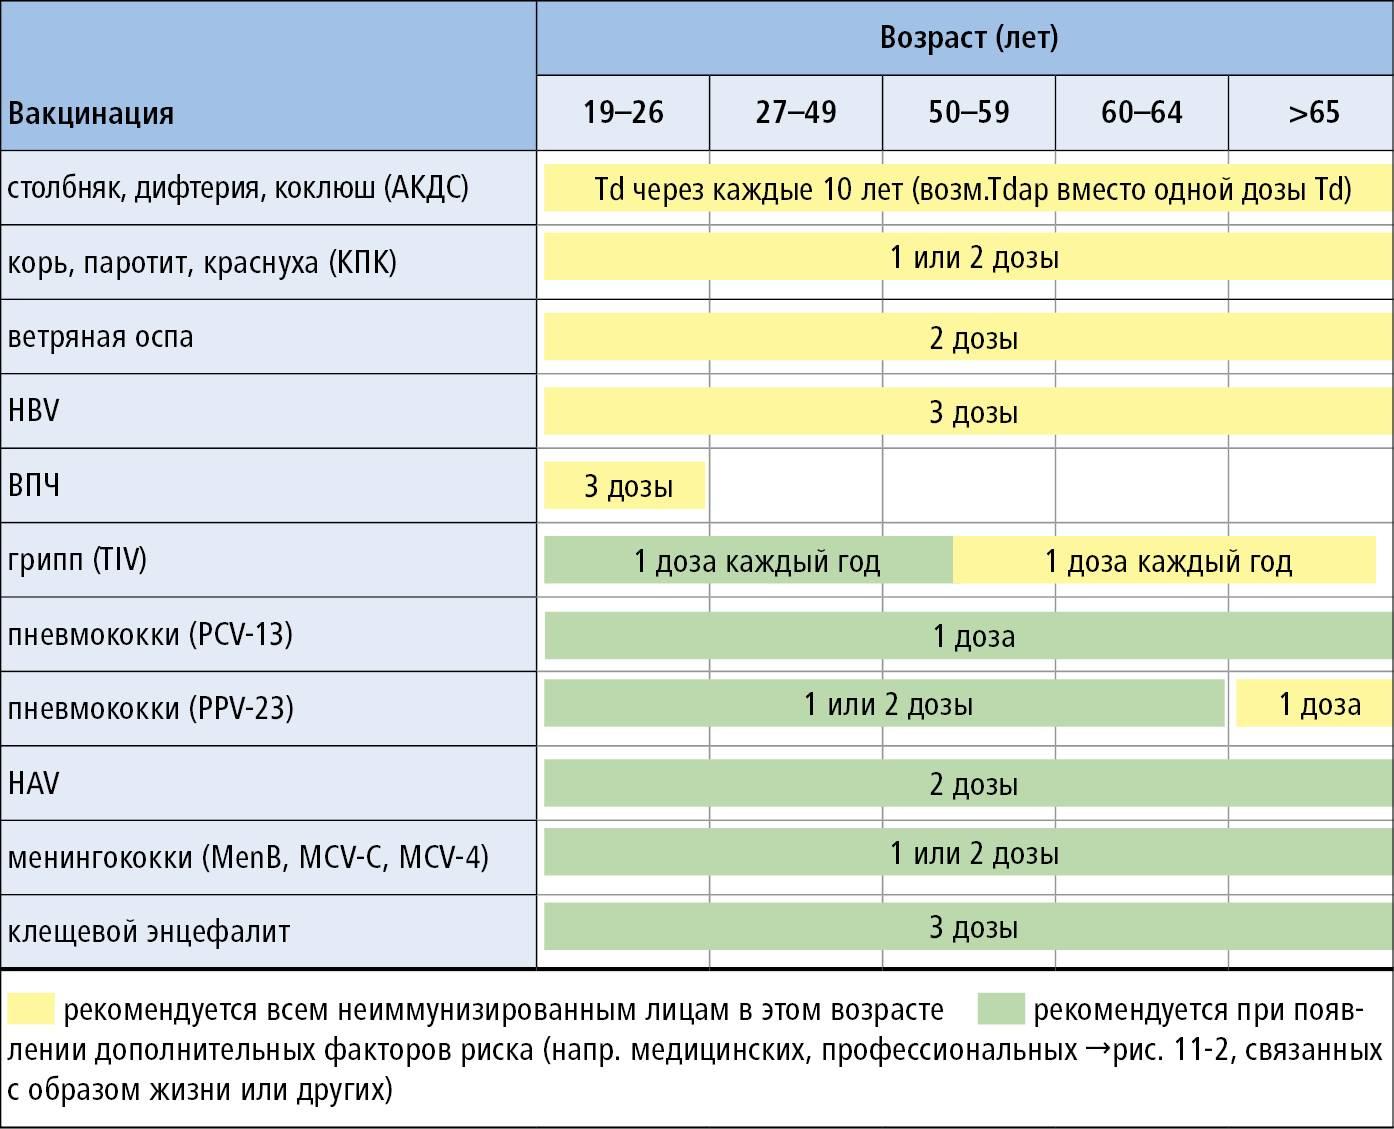 Прививка от ветрянки (от ветряной оспы): сроки, особенности проведения и возможные последствия